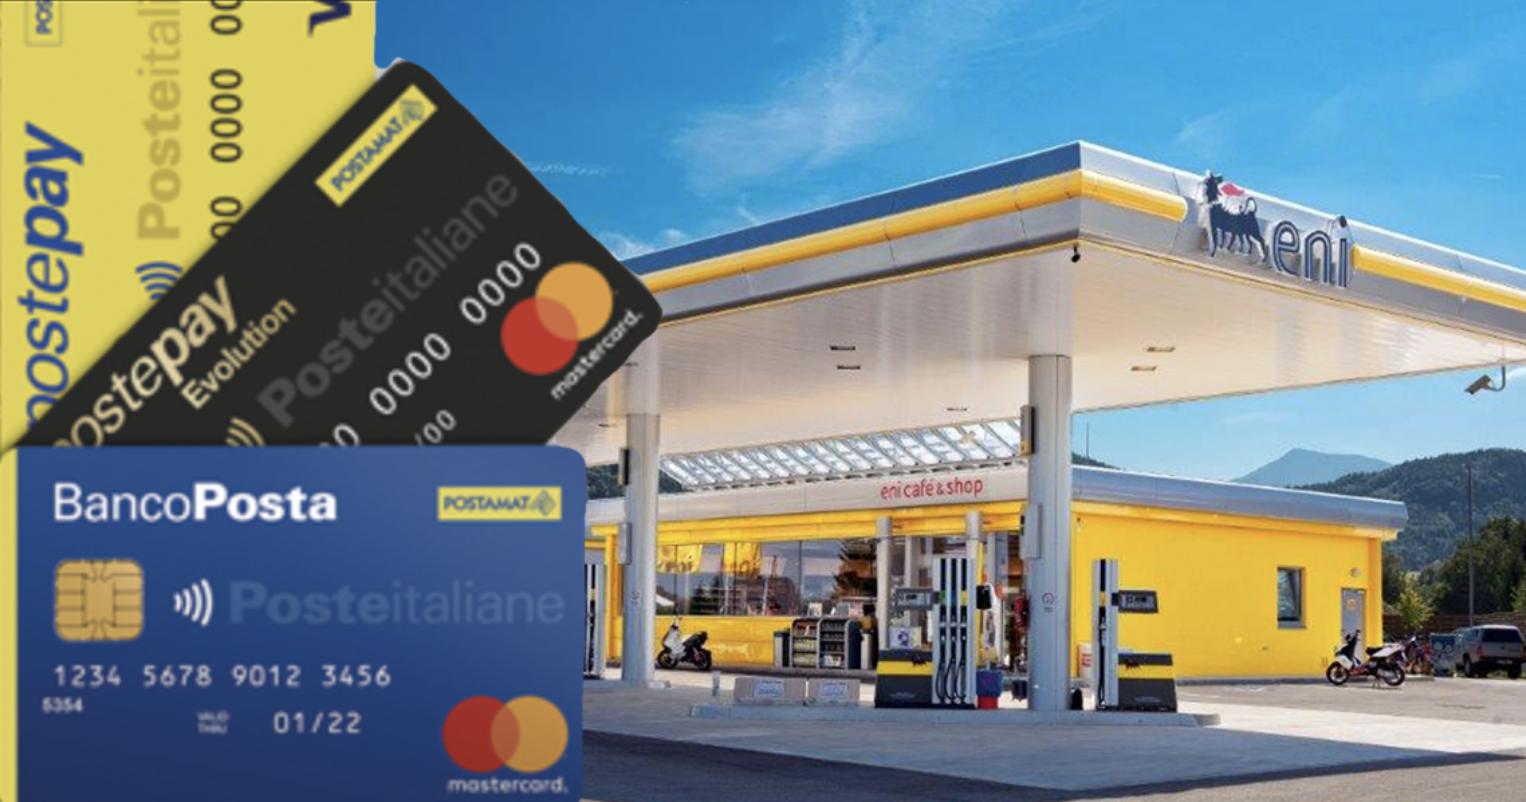 poste-italiane:-super-regalo-di-ferragosto-per-chi-viaggia-in-auto:-buono-benzina-da-100-euro-direttamente-sulla-postepay.-come-fare